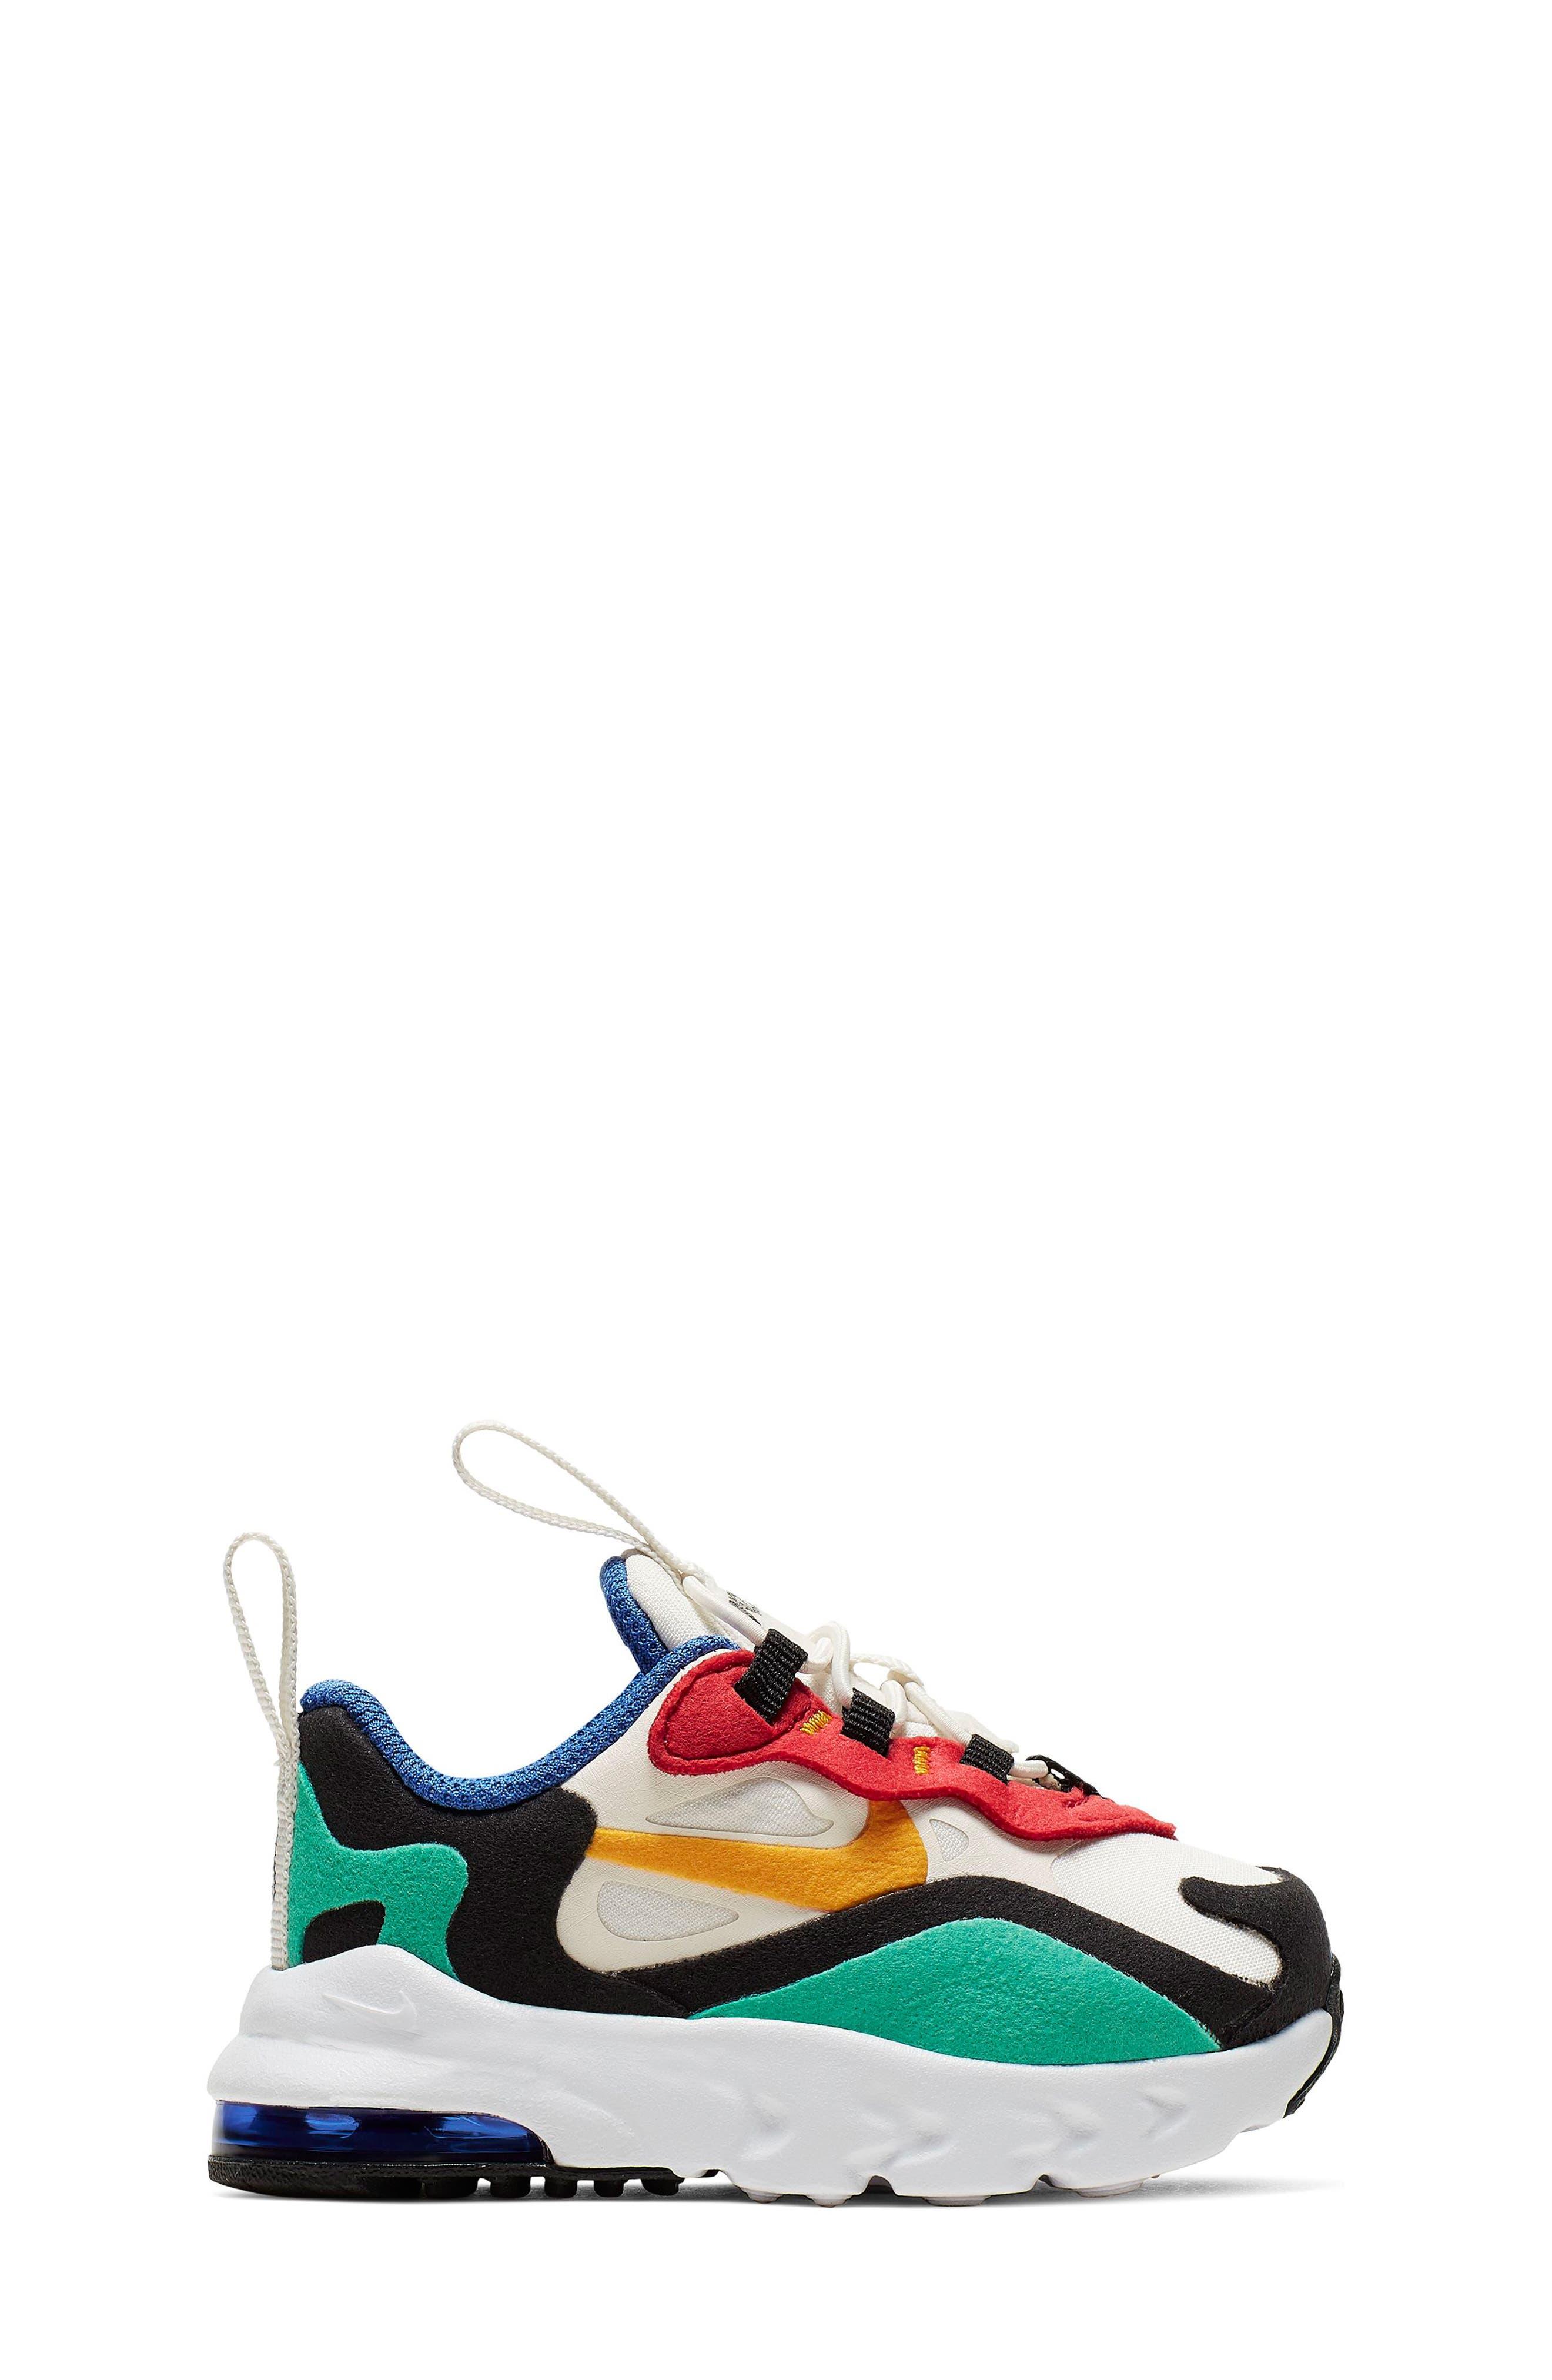 Toddler Girls Nike Air Max 270 React Sneaker Size 105 M  Black